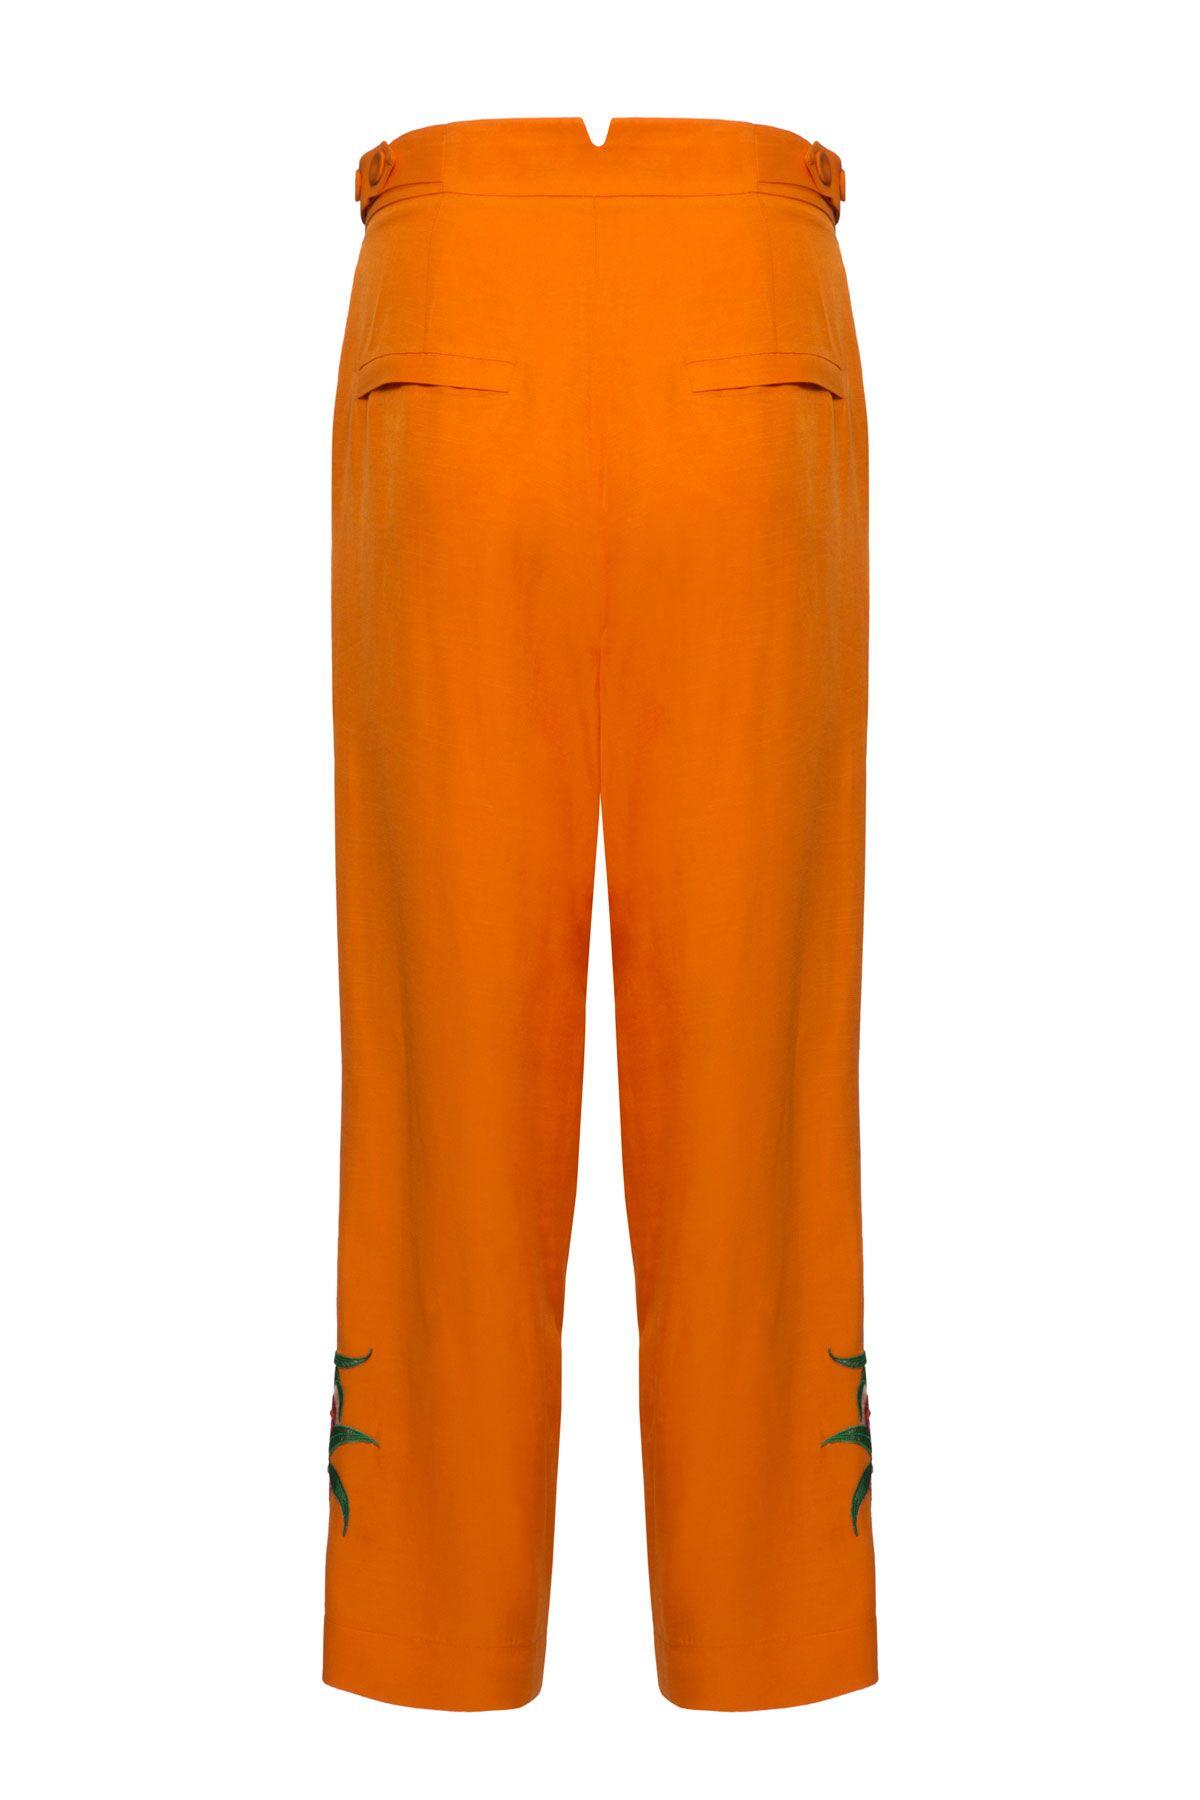 Yüksek Bel Nakış Detaylı Pilili Turuncu Pantolon